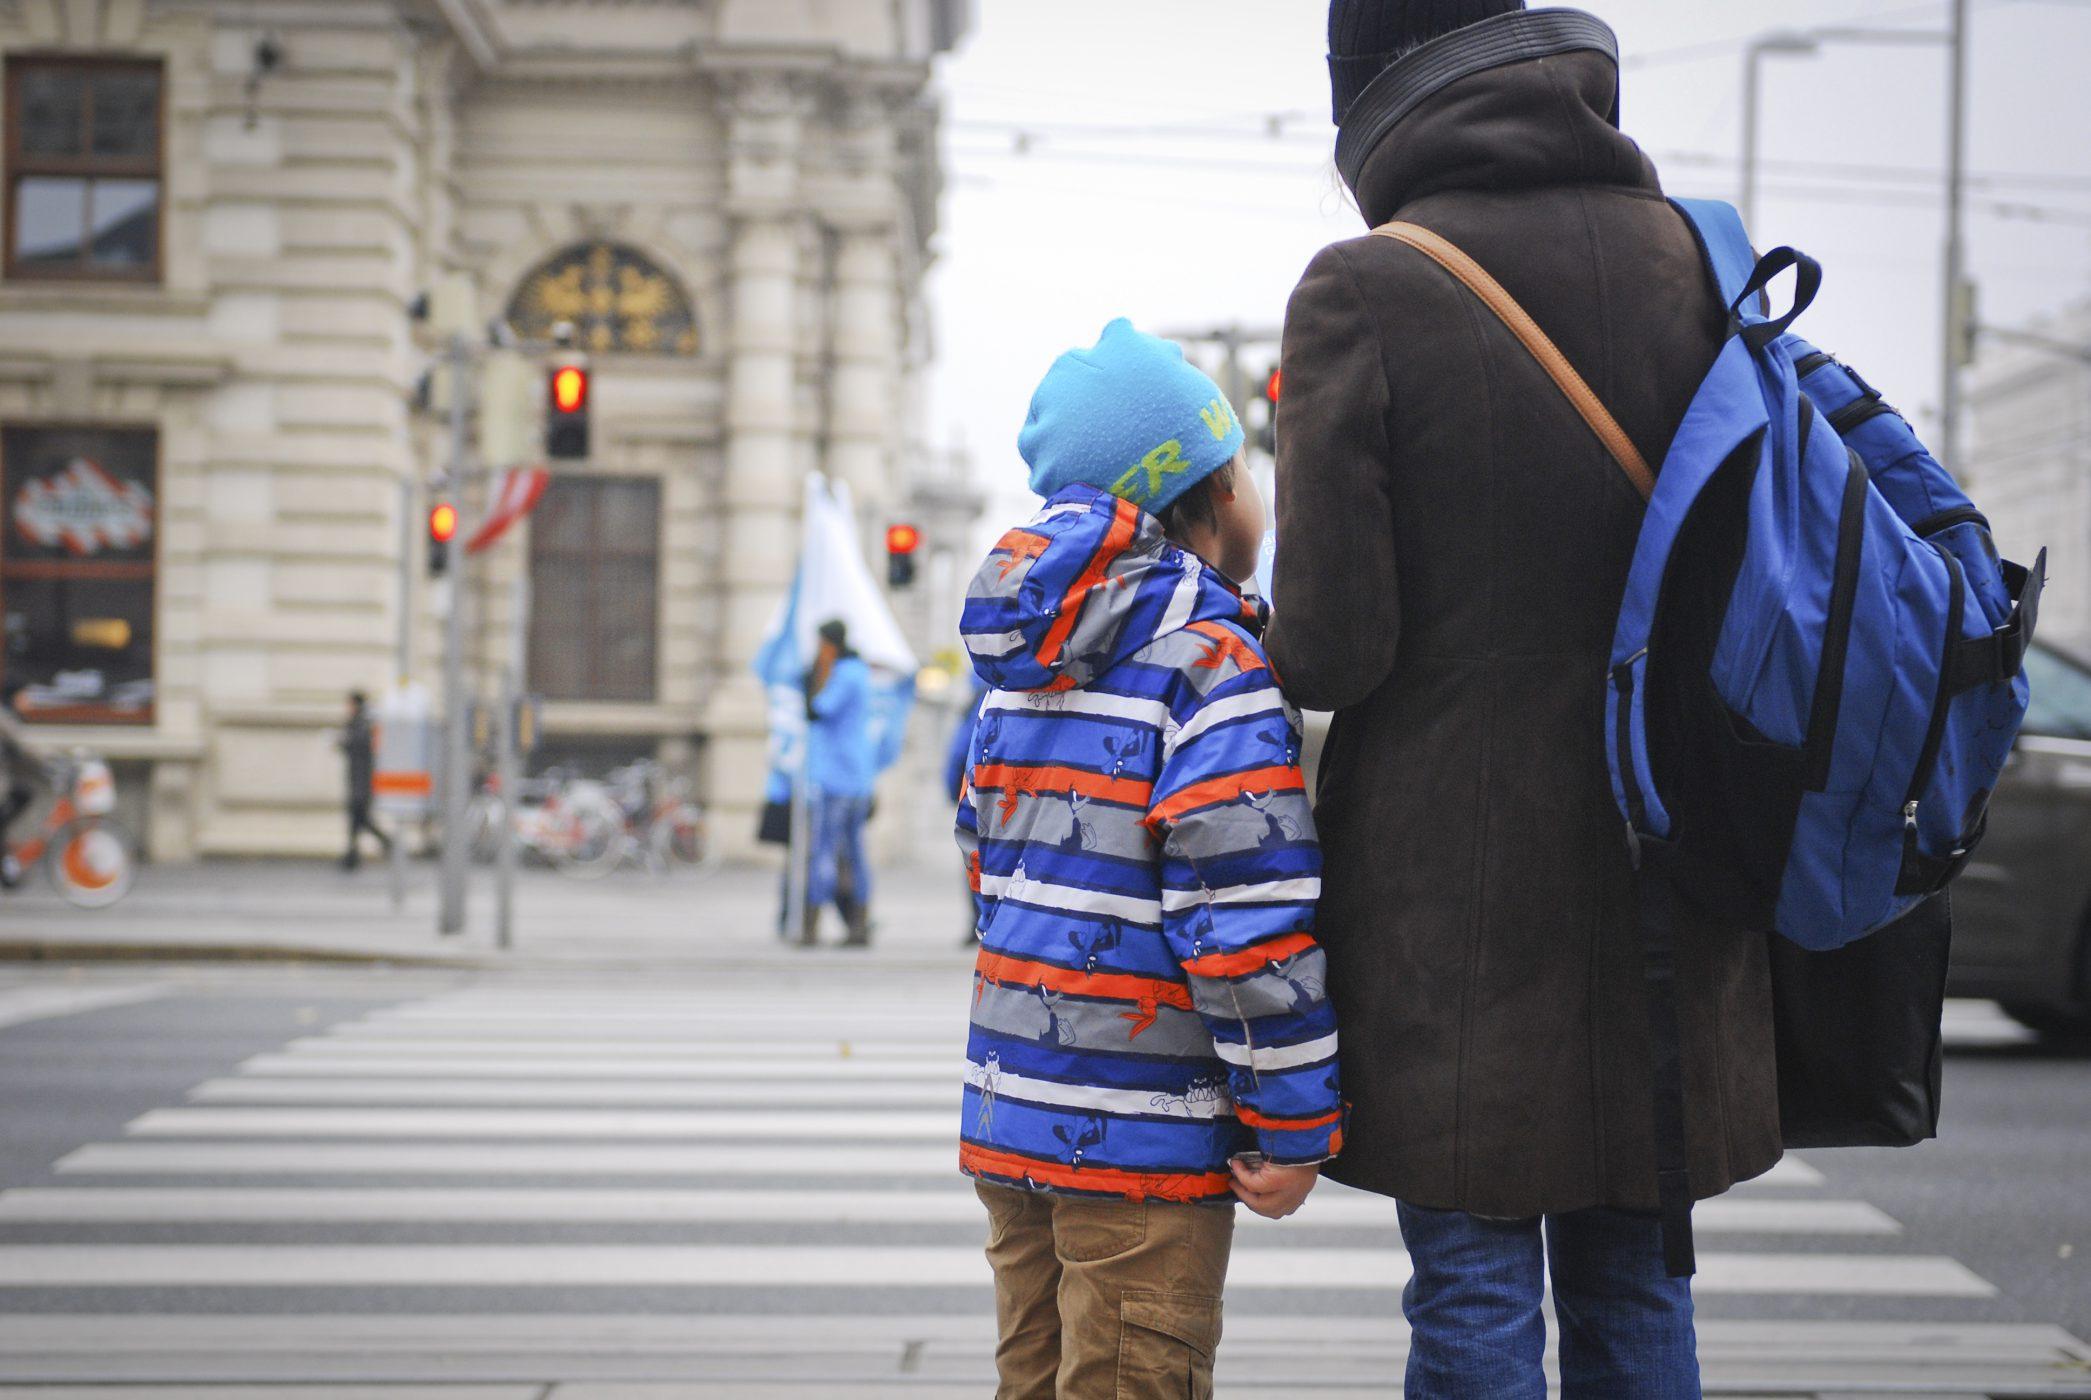 Mutter und Sohn warten gemeinsam an einer Ampel auf die Grünphase. Foto von Gerd Götzenbrucker